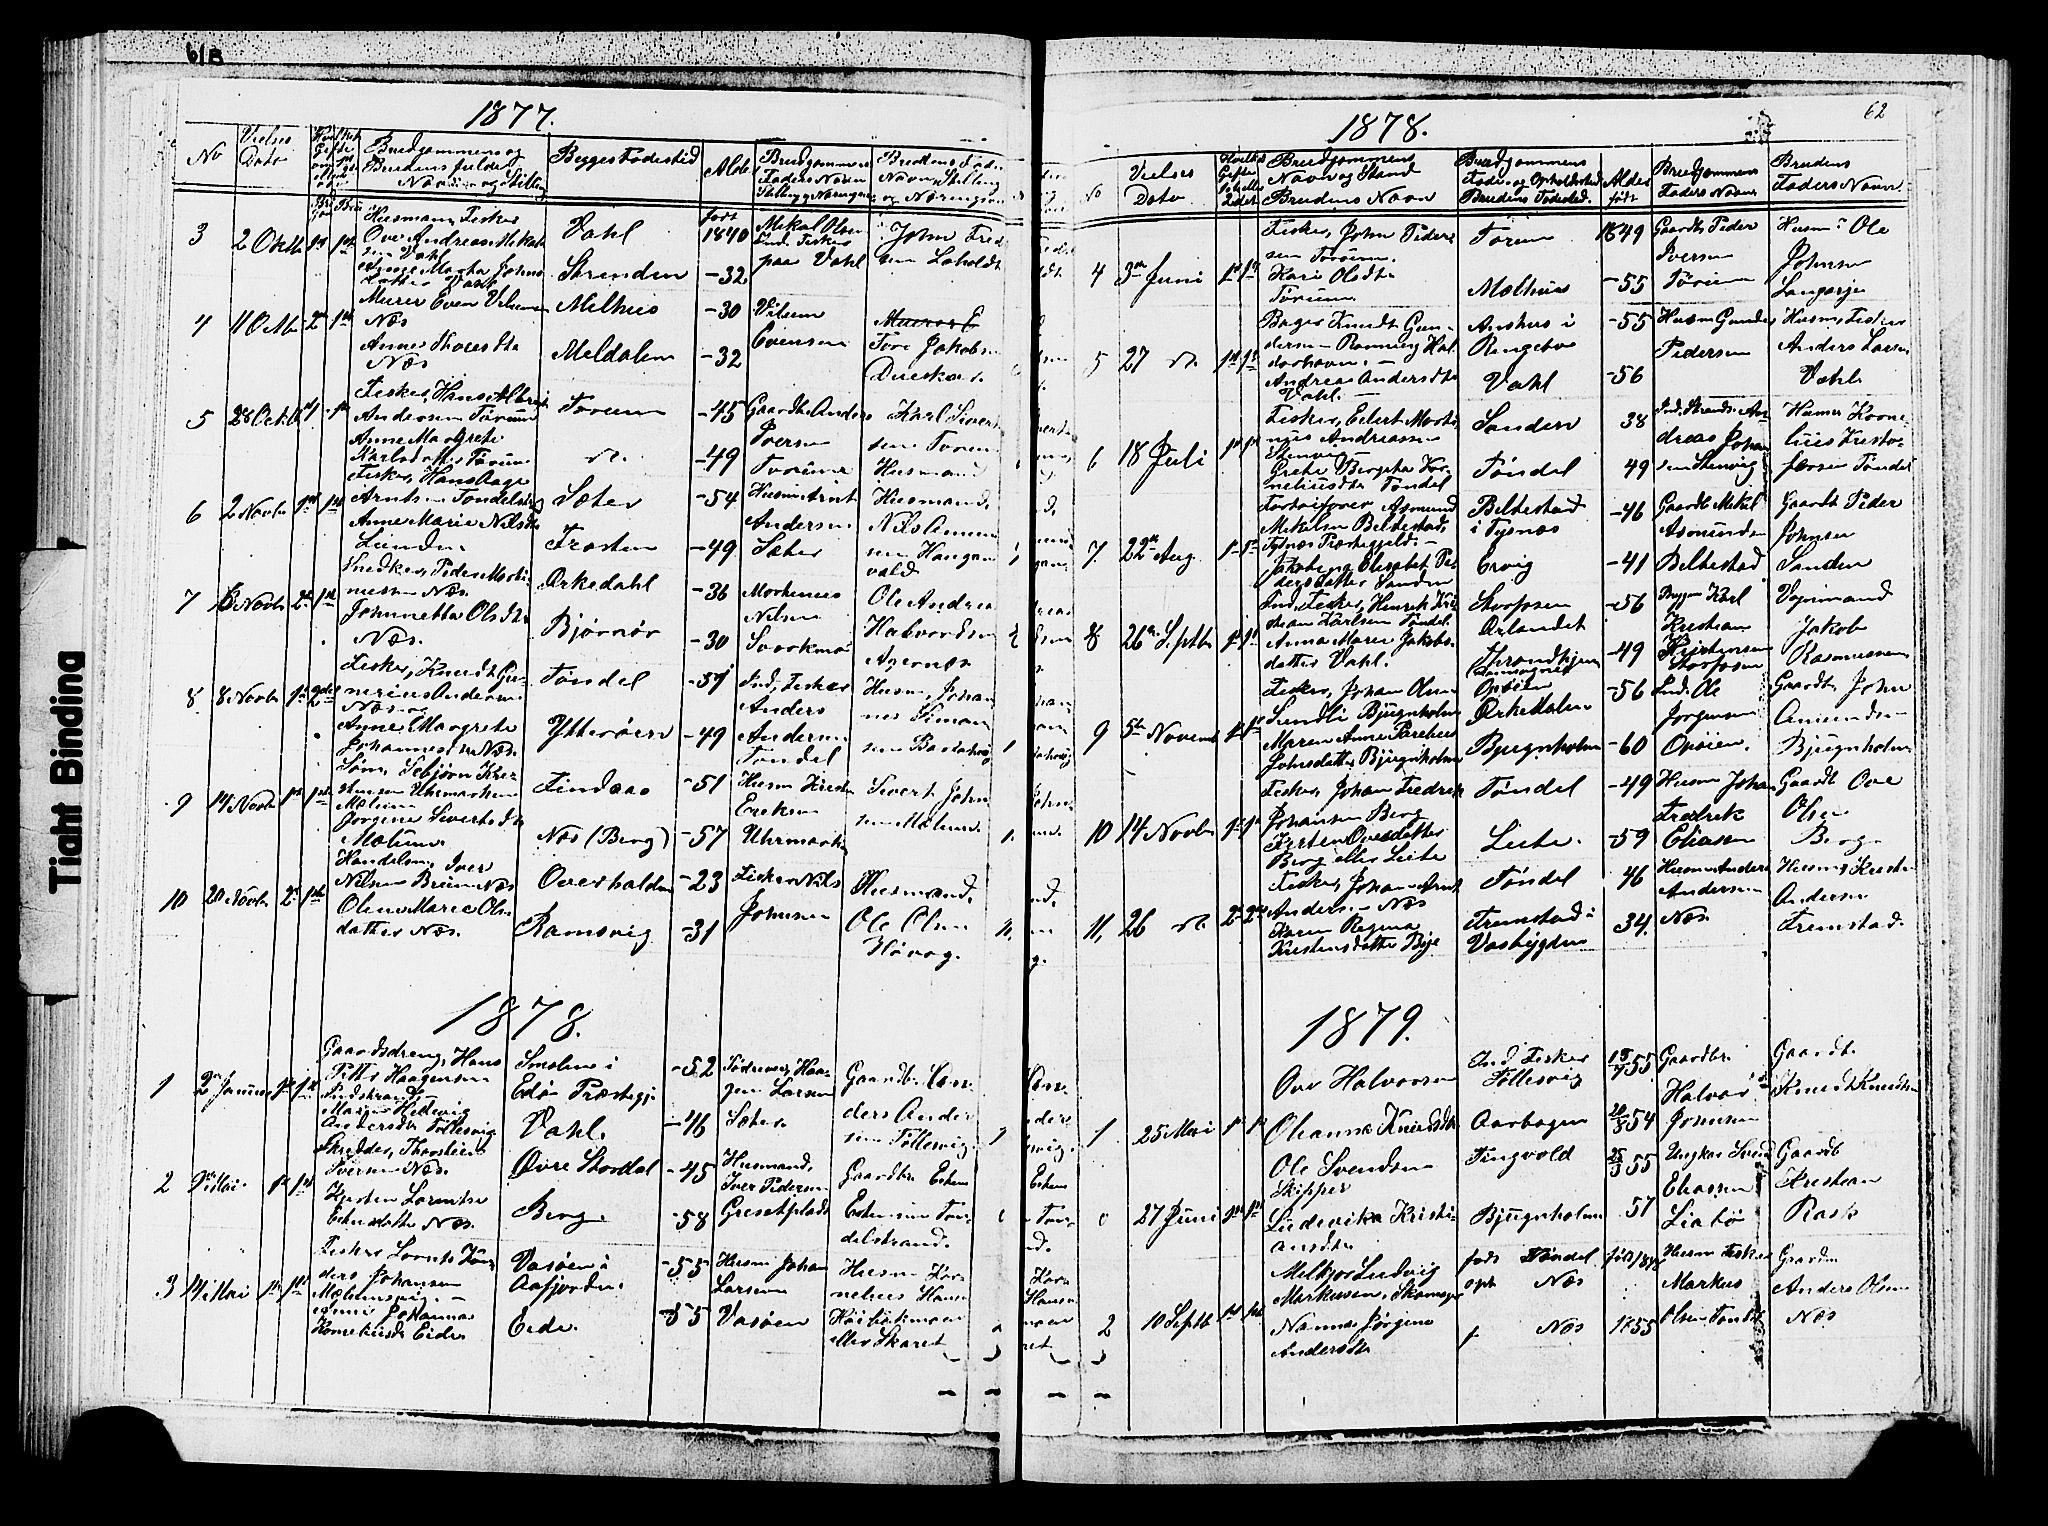 SAT, Ministerialprotokoller, klokkerbøker og fødselsregistre - Sør-Trøndelag, 652/L0653: Klokkerbok nr. 652C01, 1866-1910, s. 62